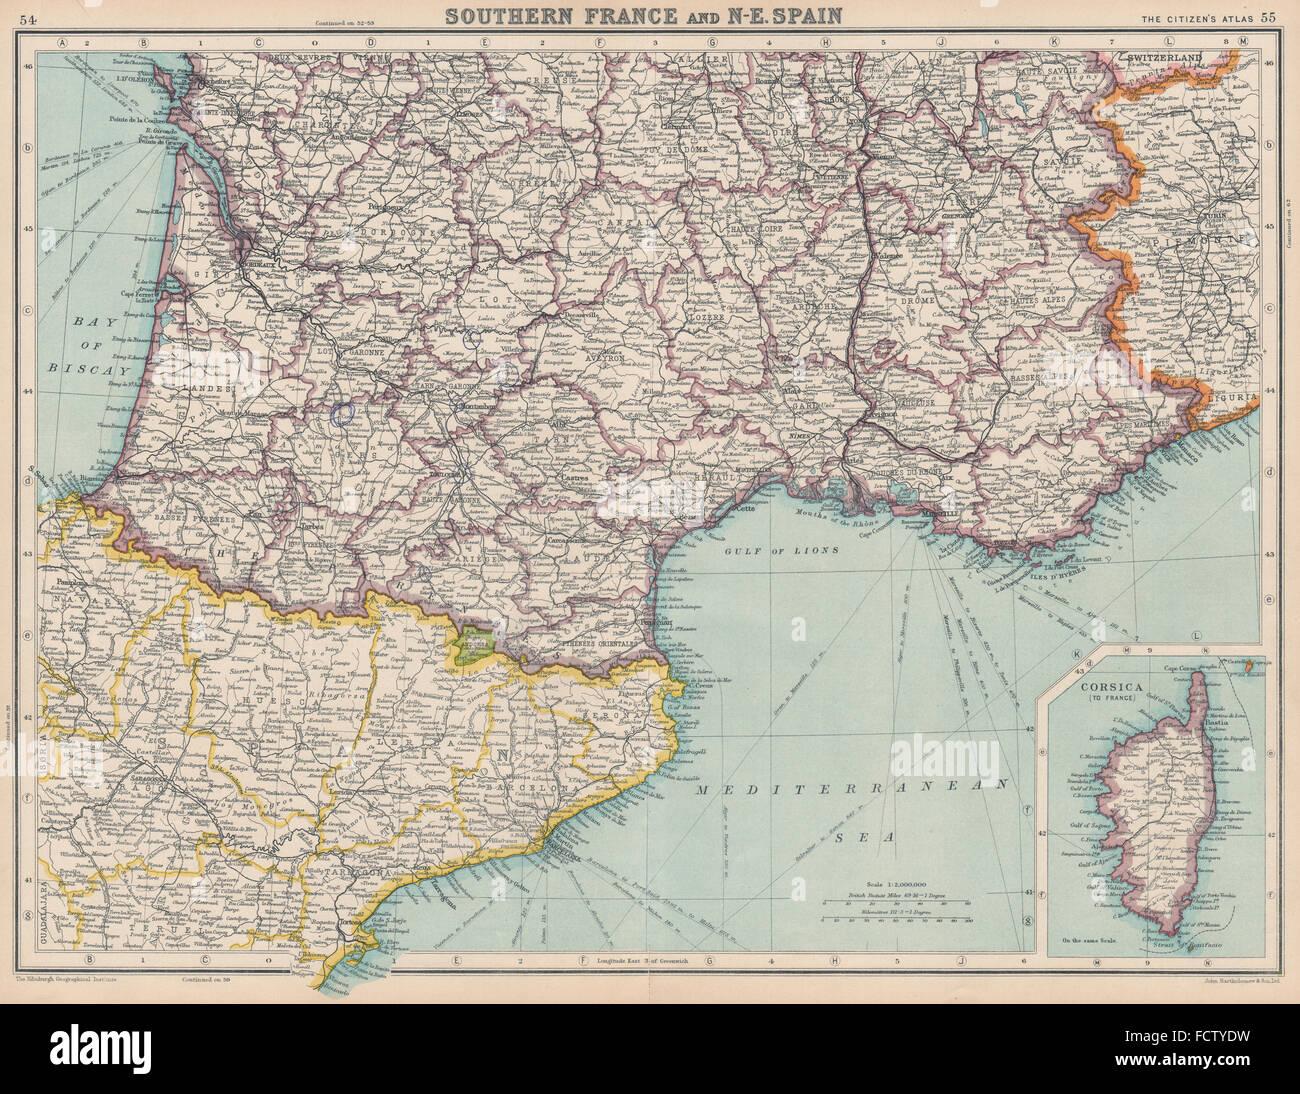 Cartina Geografica Spagna Nord Est.La Francia A Sud E A Nord Est Della Spagna Catalogna Catalunya Aquitaine Provence 1924 Mappa Foto Stock Alamy